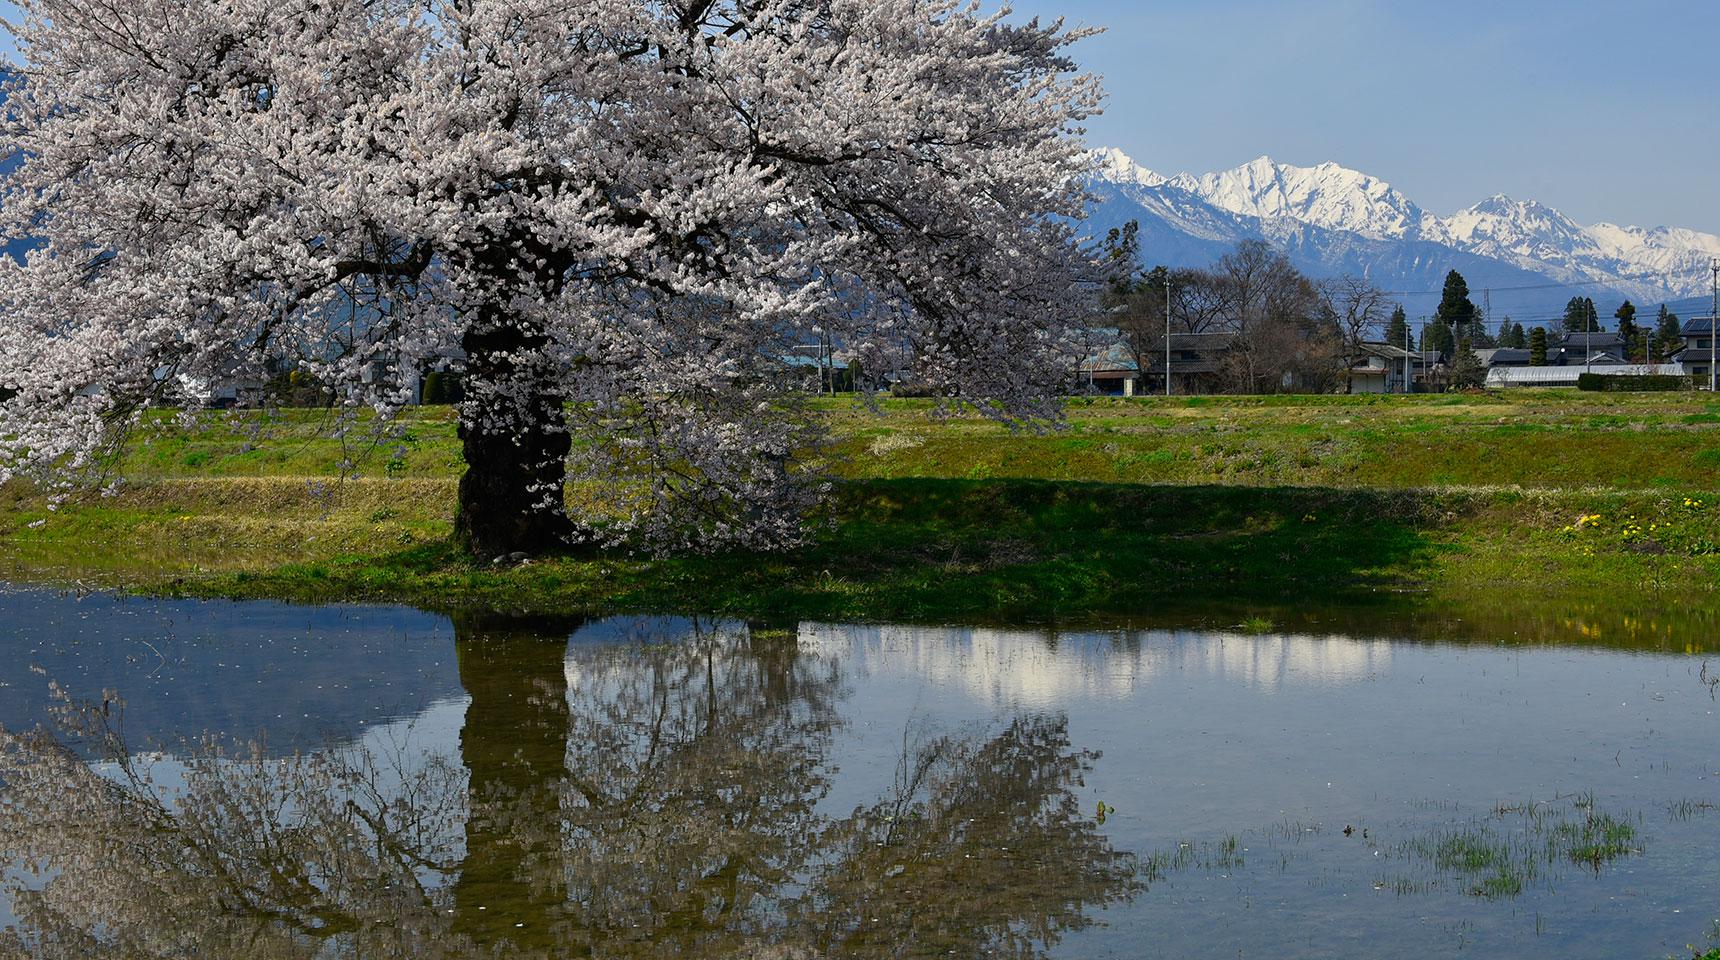 スライド149 須沼の一本桜と北アルプス